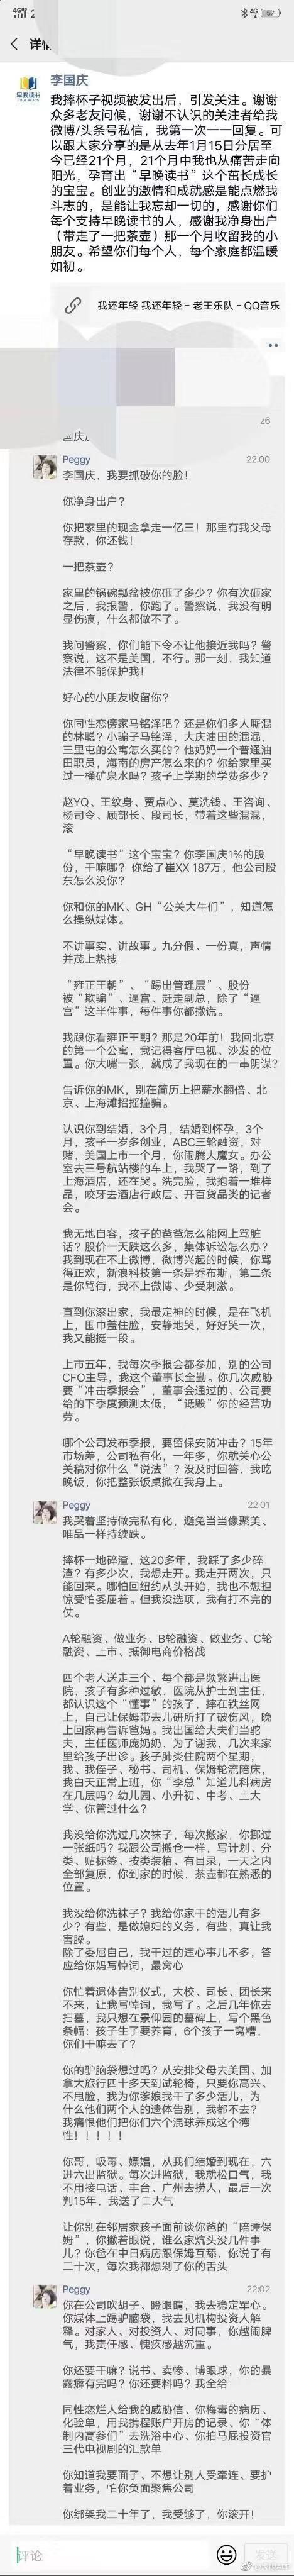 大奖最新娱乐官方网站官网 惠州企业大学成新潮!德赛西威学院成立,将开5个系列培训课程